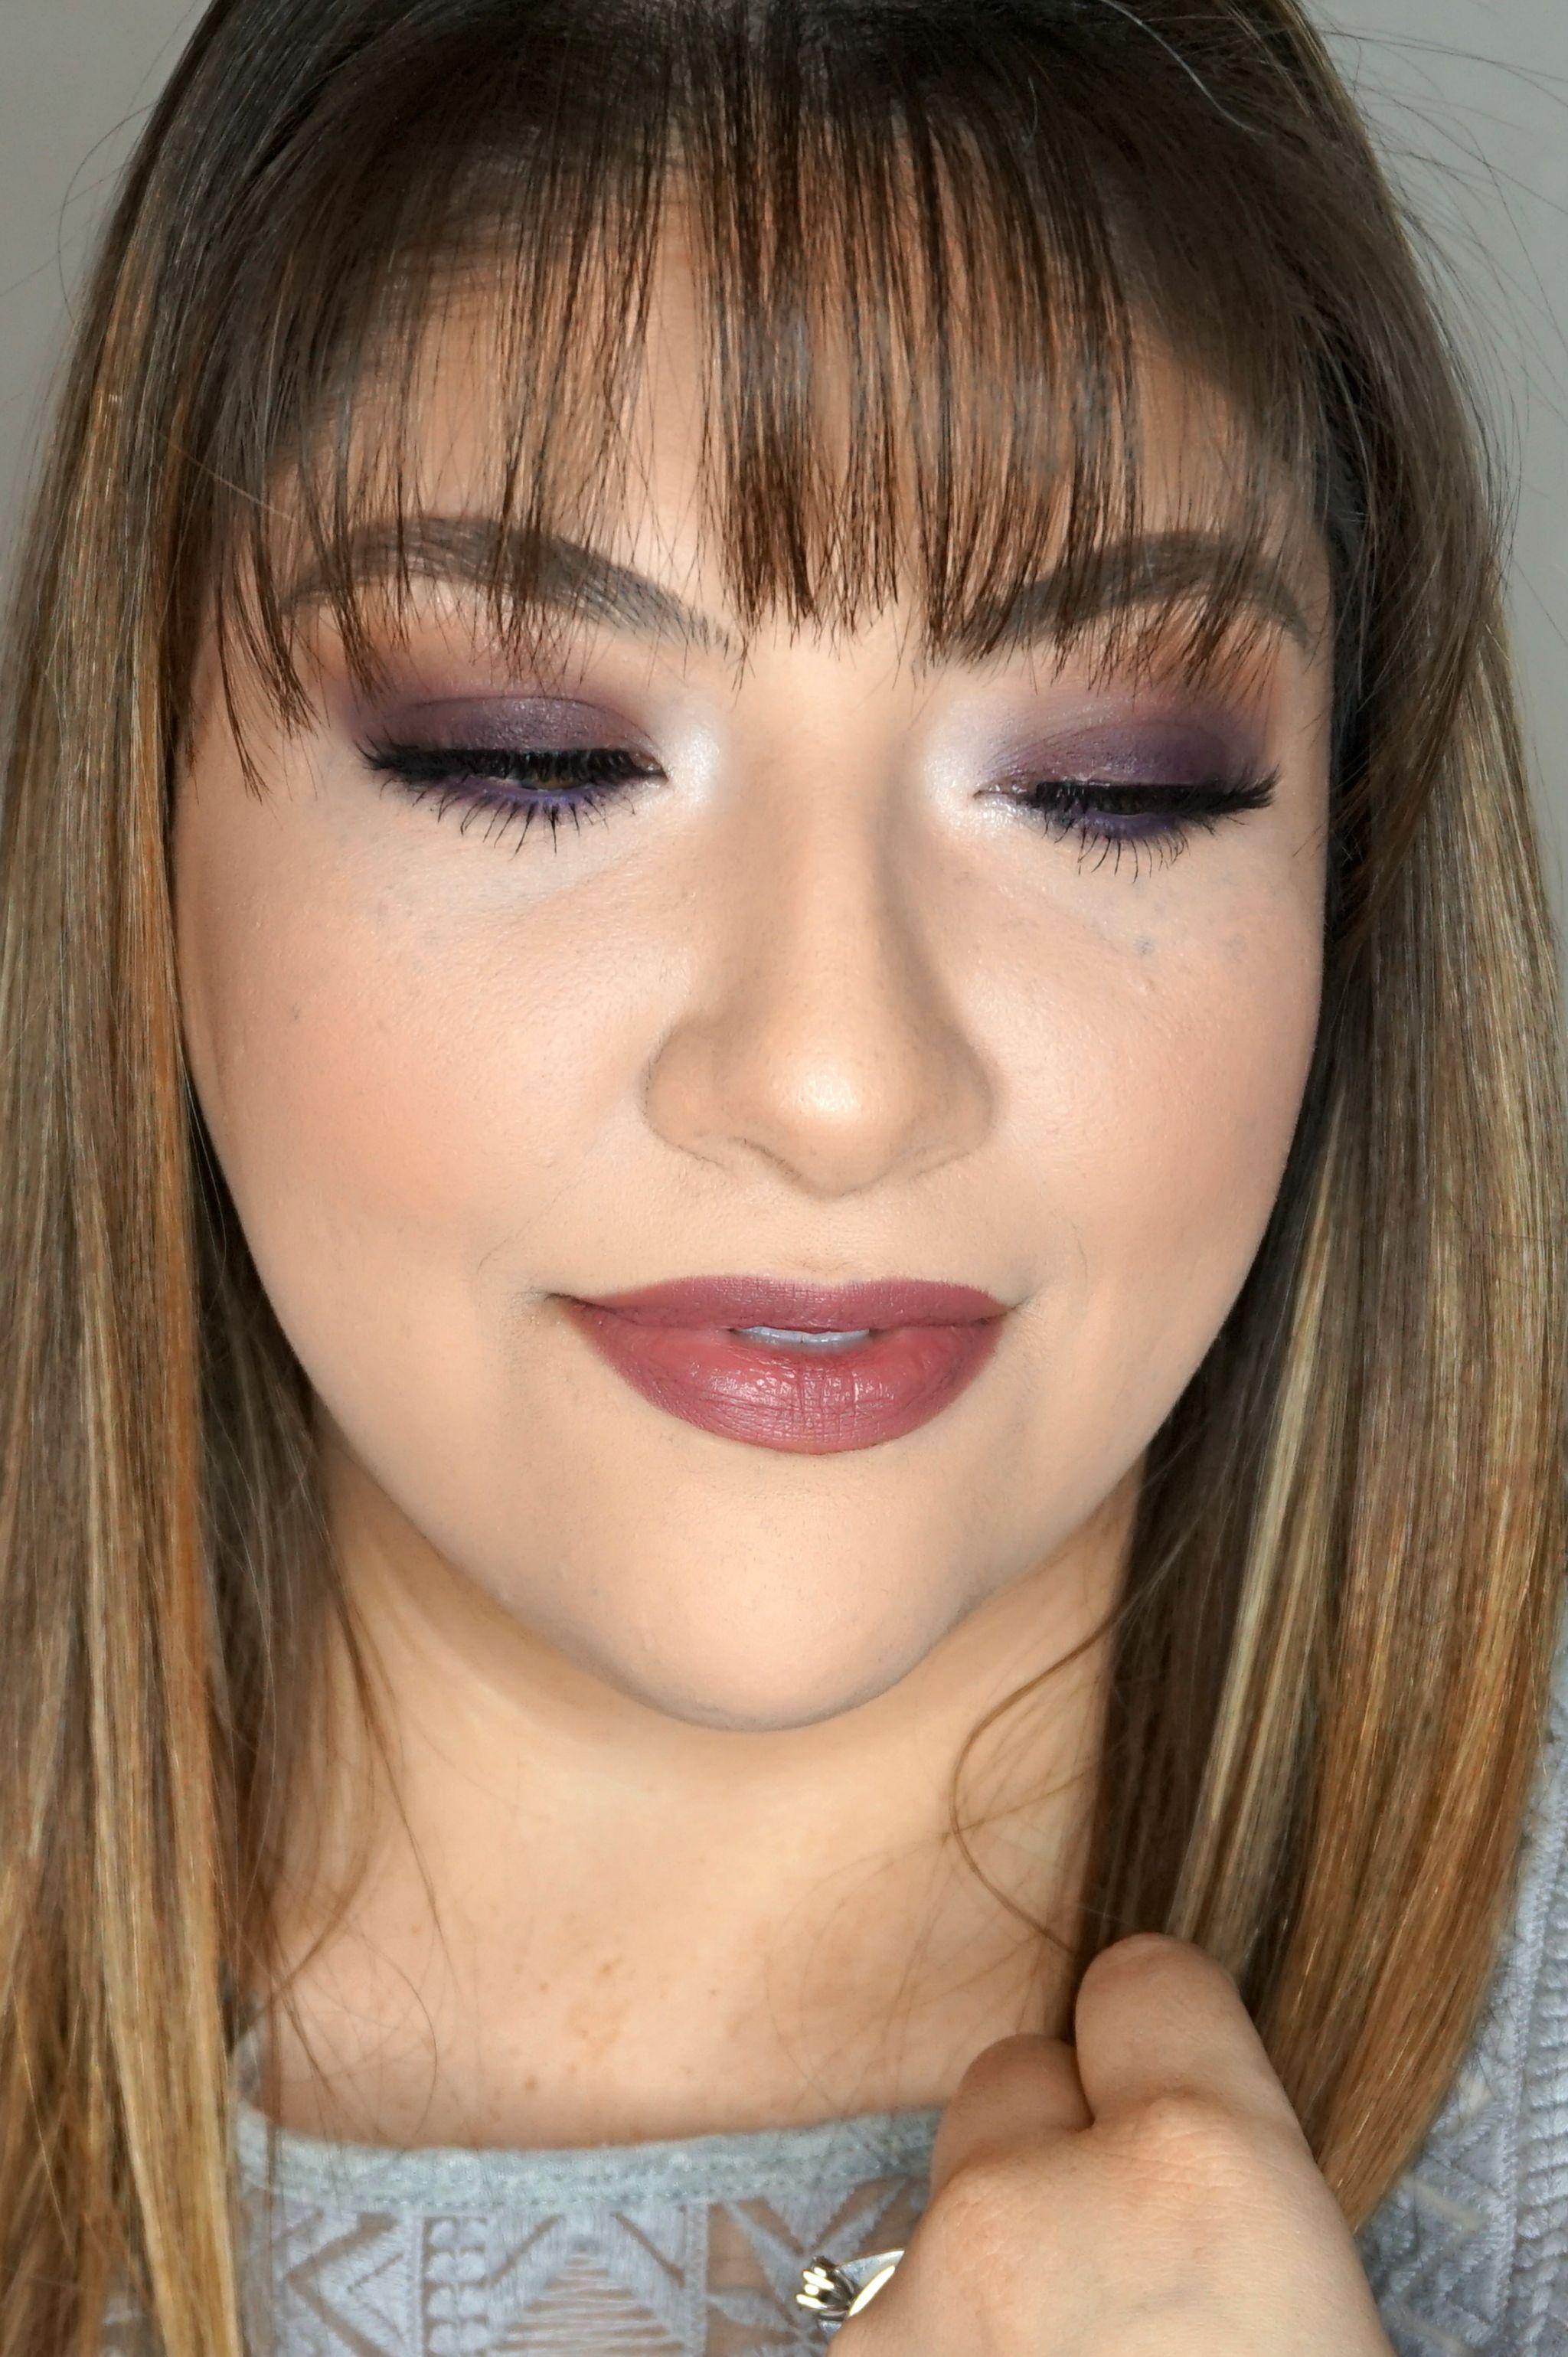 Plum Makeup Look // Glam Makeup Look // Plum Eye Look // Purple Eye Makeup // Plum Lipstick // Mauve Makeup // Fall Makeup Look // Winter Makeup Look   Beauty With Lily